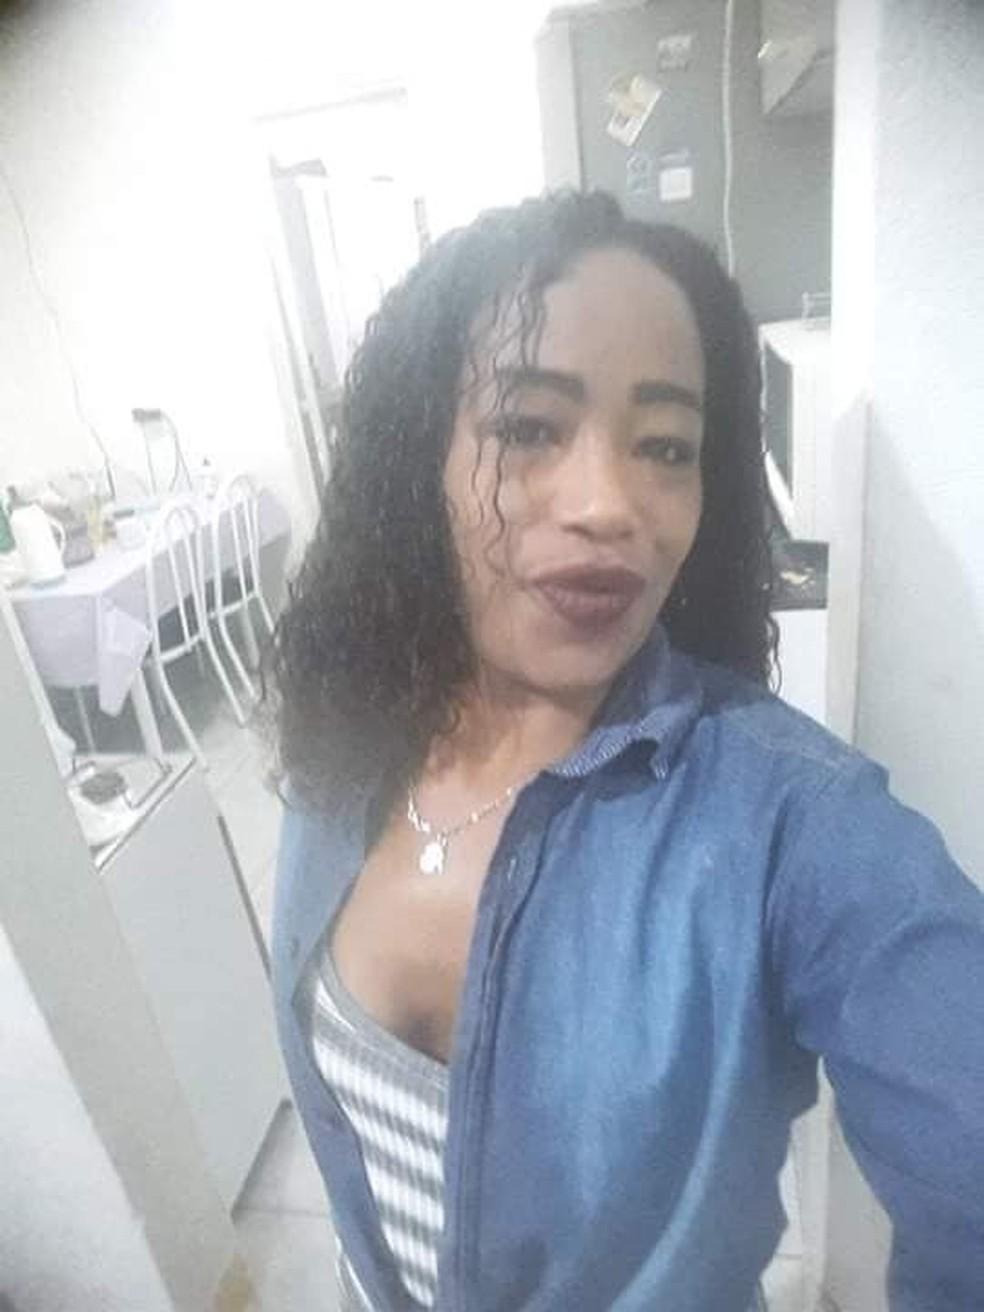 Traficante foragida foi presa durante festa de Cosme e Damião em SP — Foto: Reprodução/Facebook